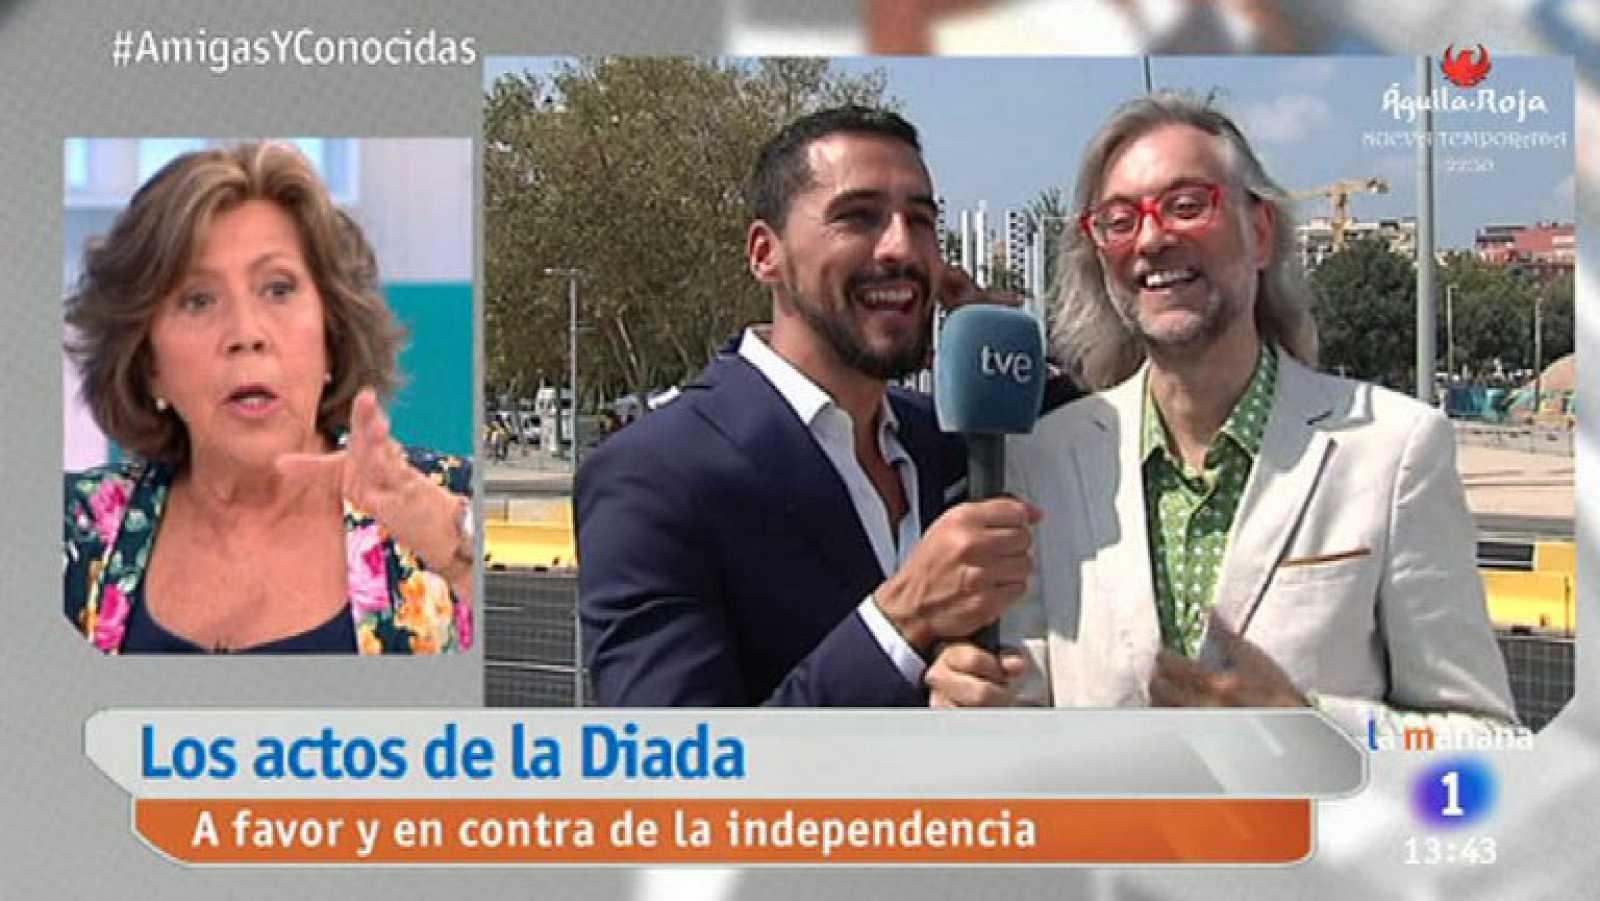 Lo que empezó como una broma terminó en enfado: Curri Valenzuela se enzarza con el periodista catalán Victor Amela (La Vanguardia) y el analista político Francesc Soler al hablar sobre los actos de conmemoración de la Diada.